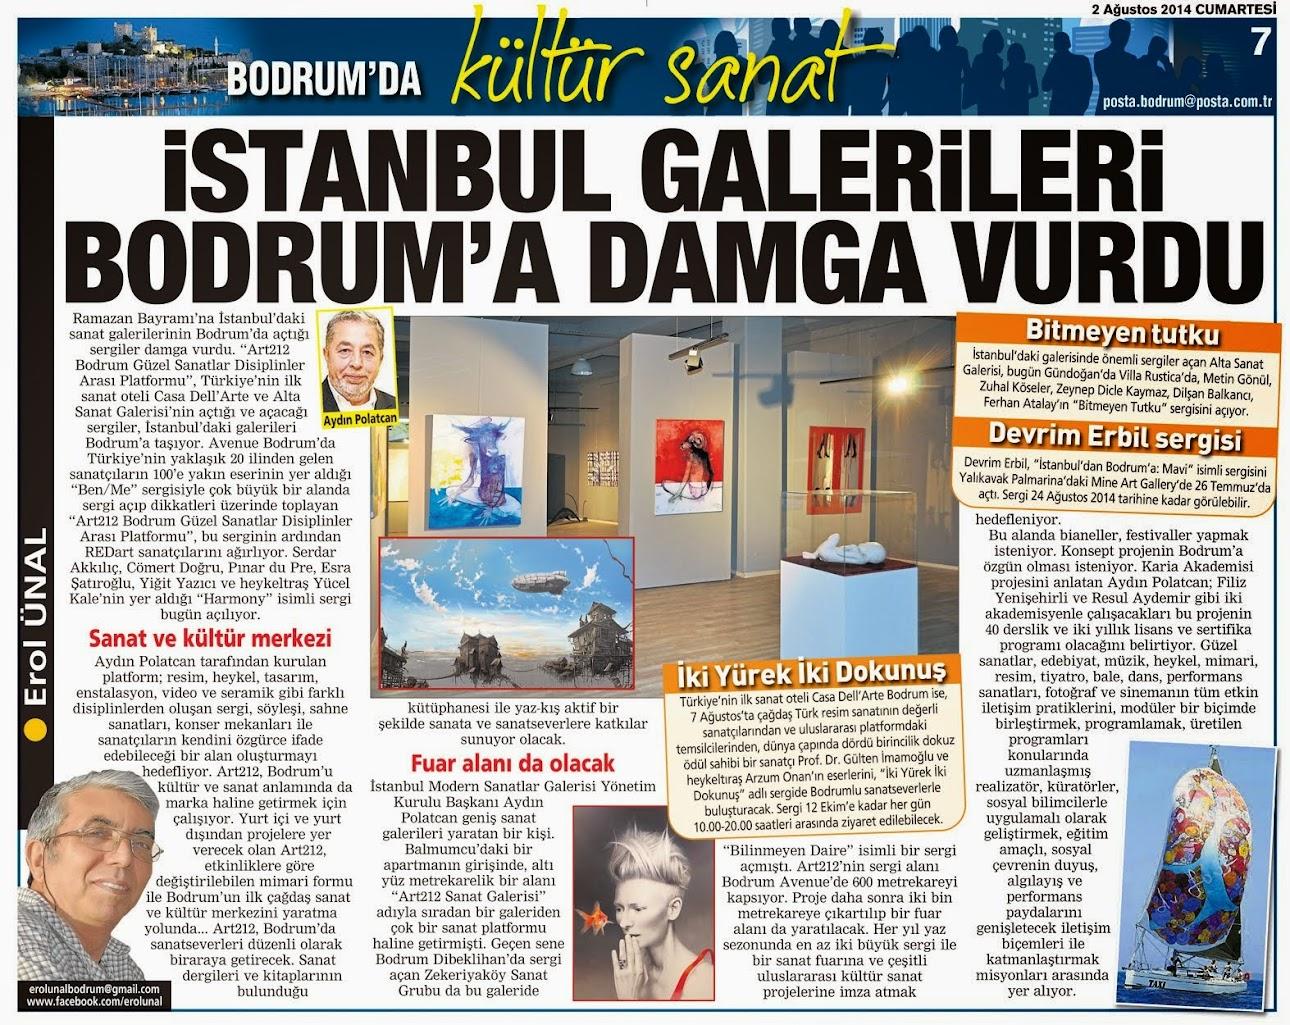 55 İSTANBUL GELERİLERİ